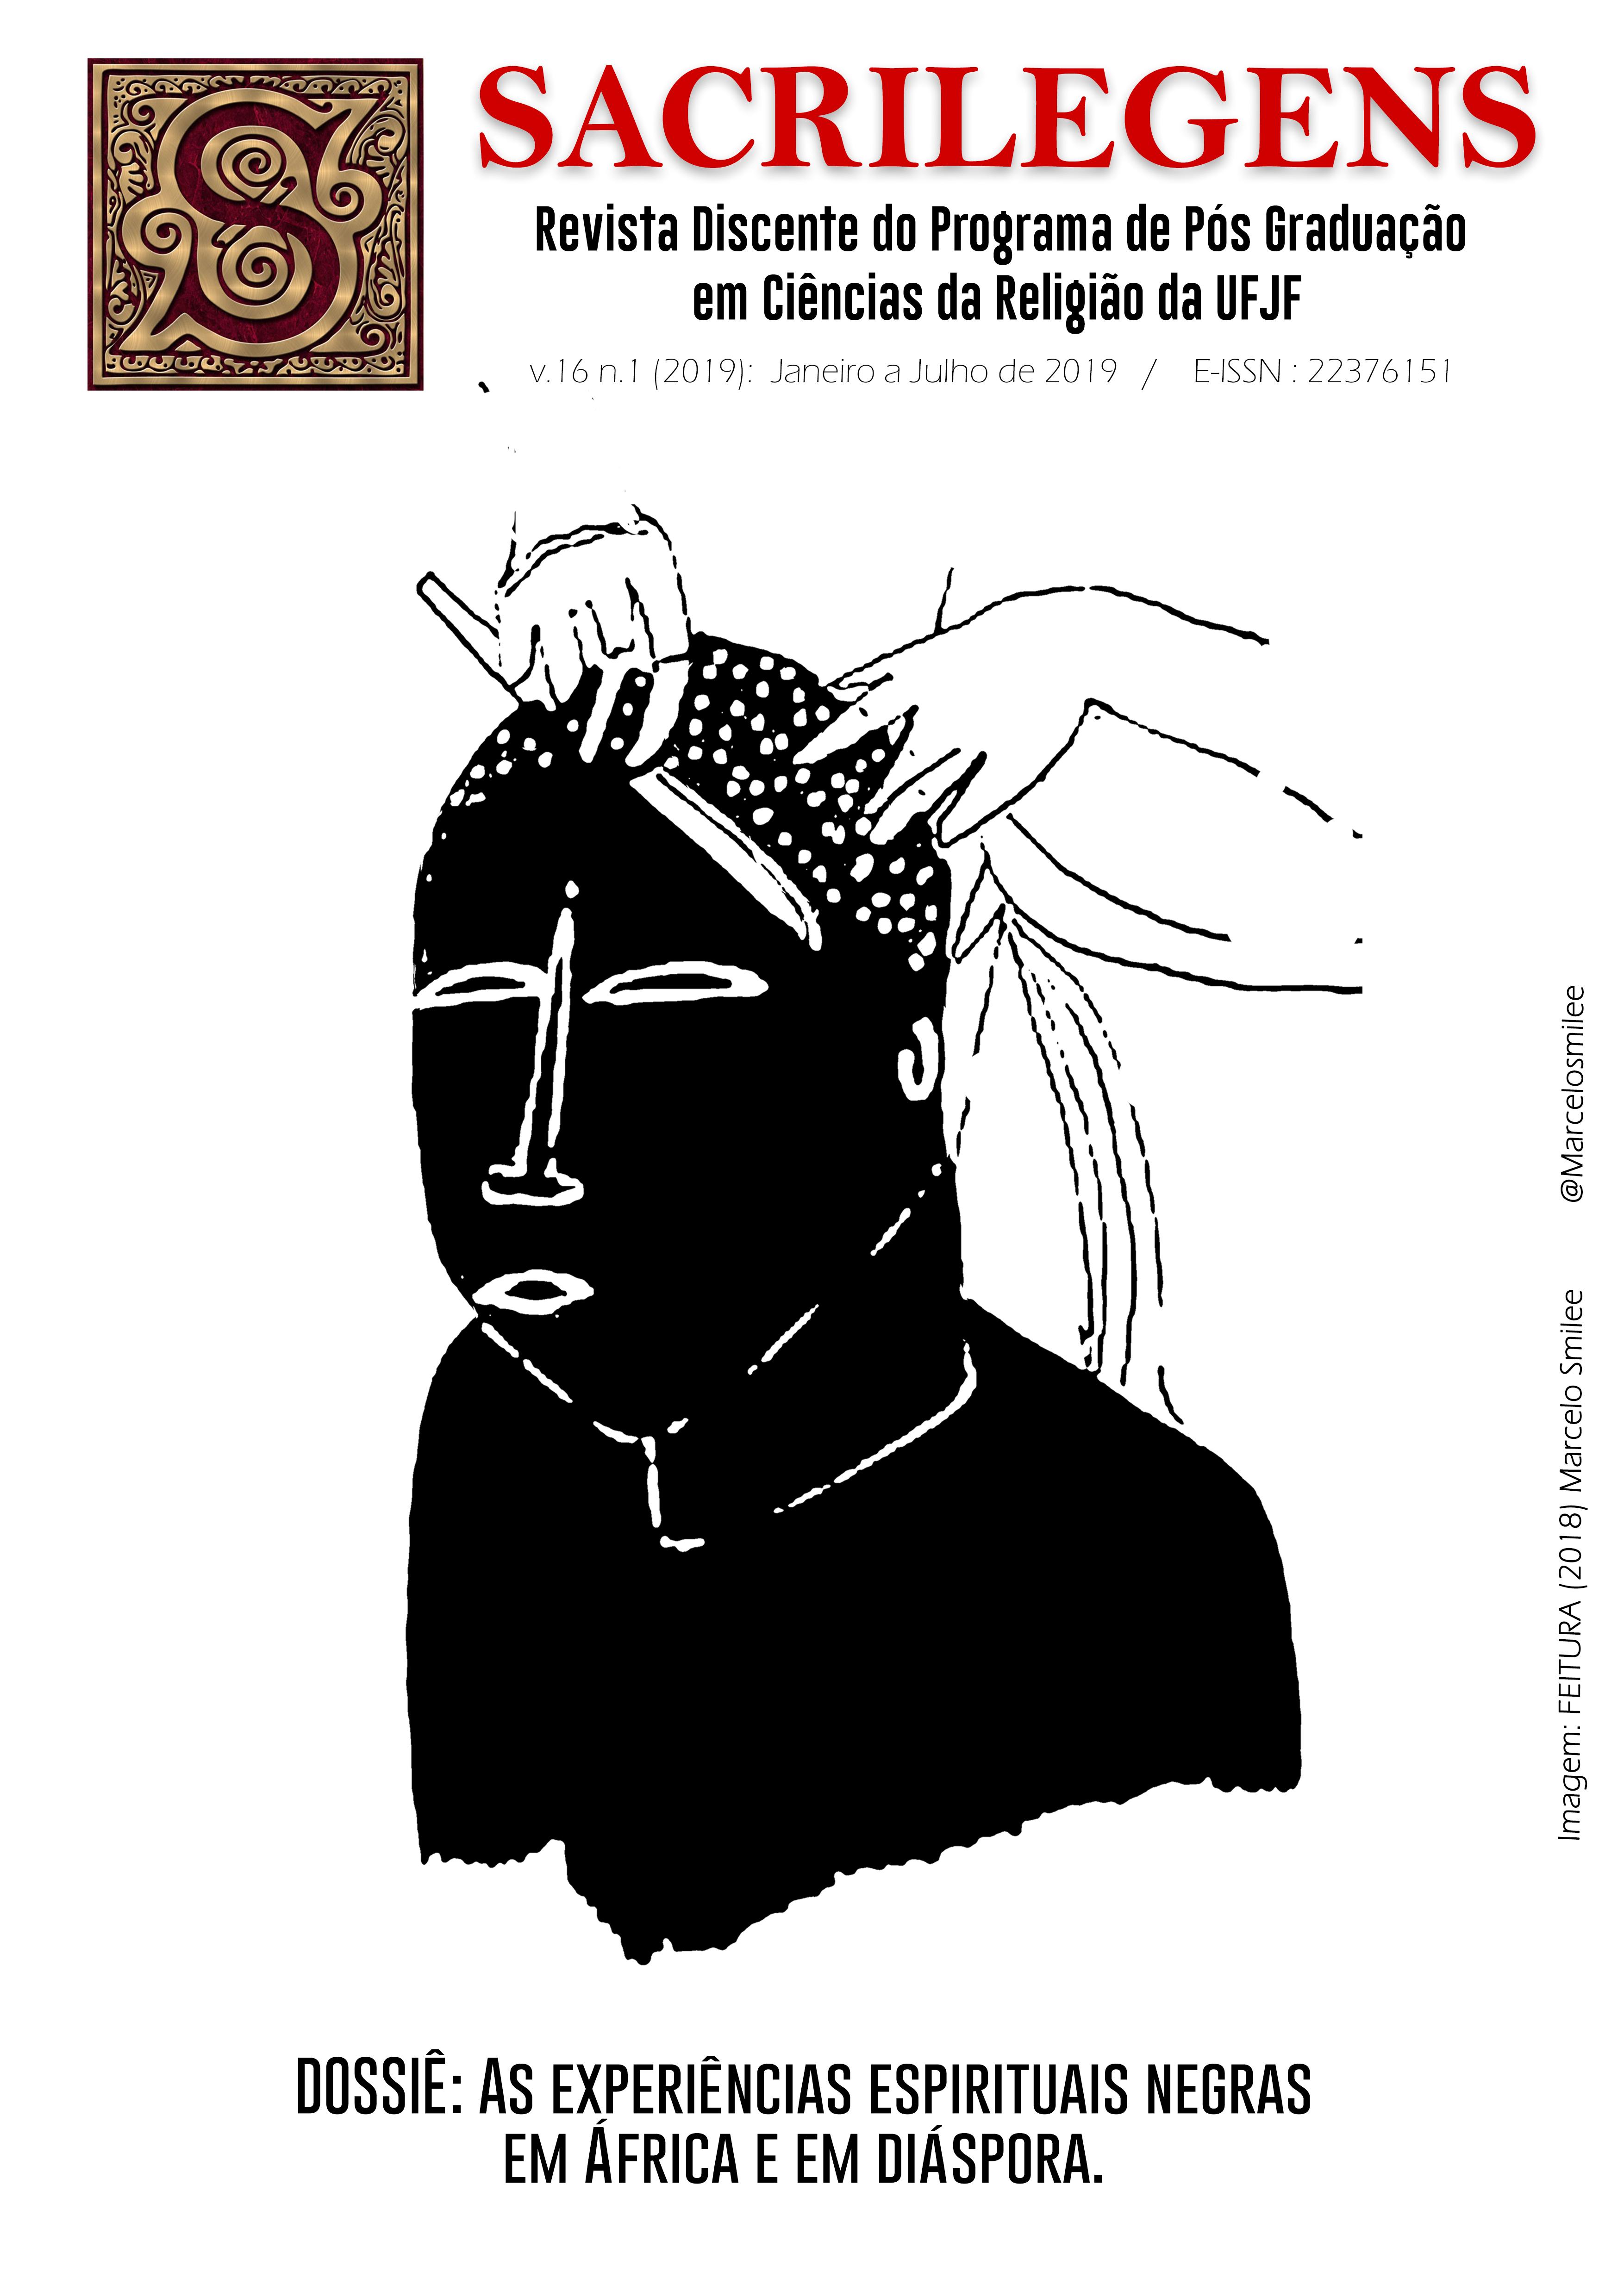 Visualizar v. 16 n. 1 (2019): Janeiro a Junho de 2019 - Dossiê As experiências espirituais negras em África e em diáspora